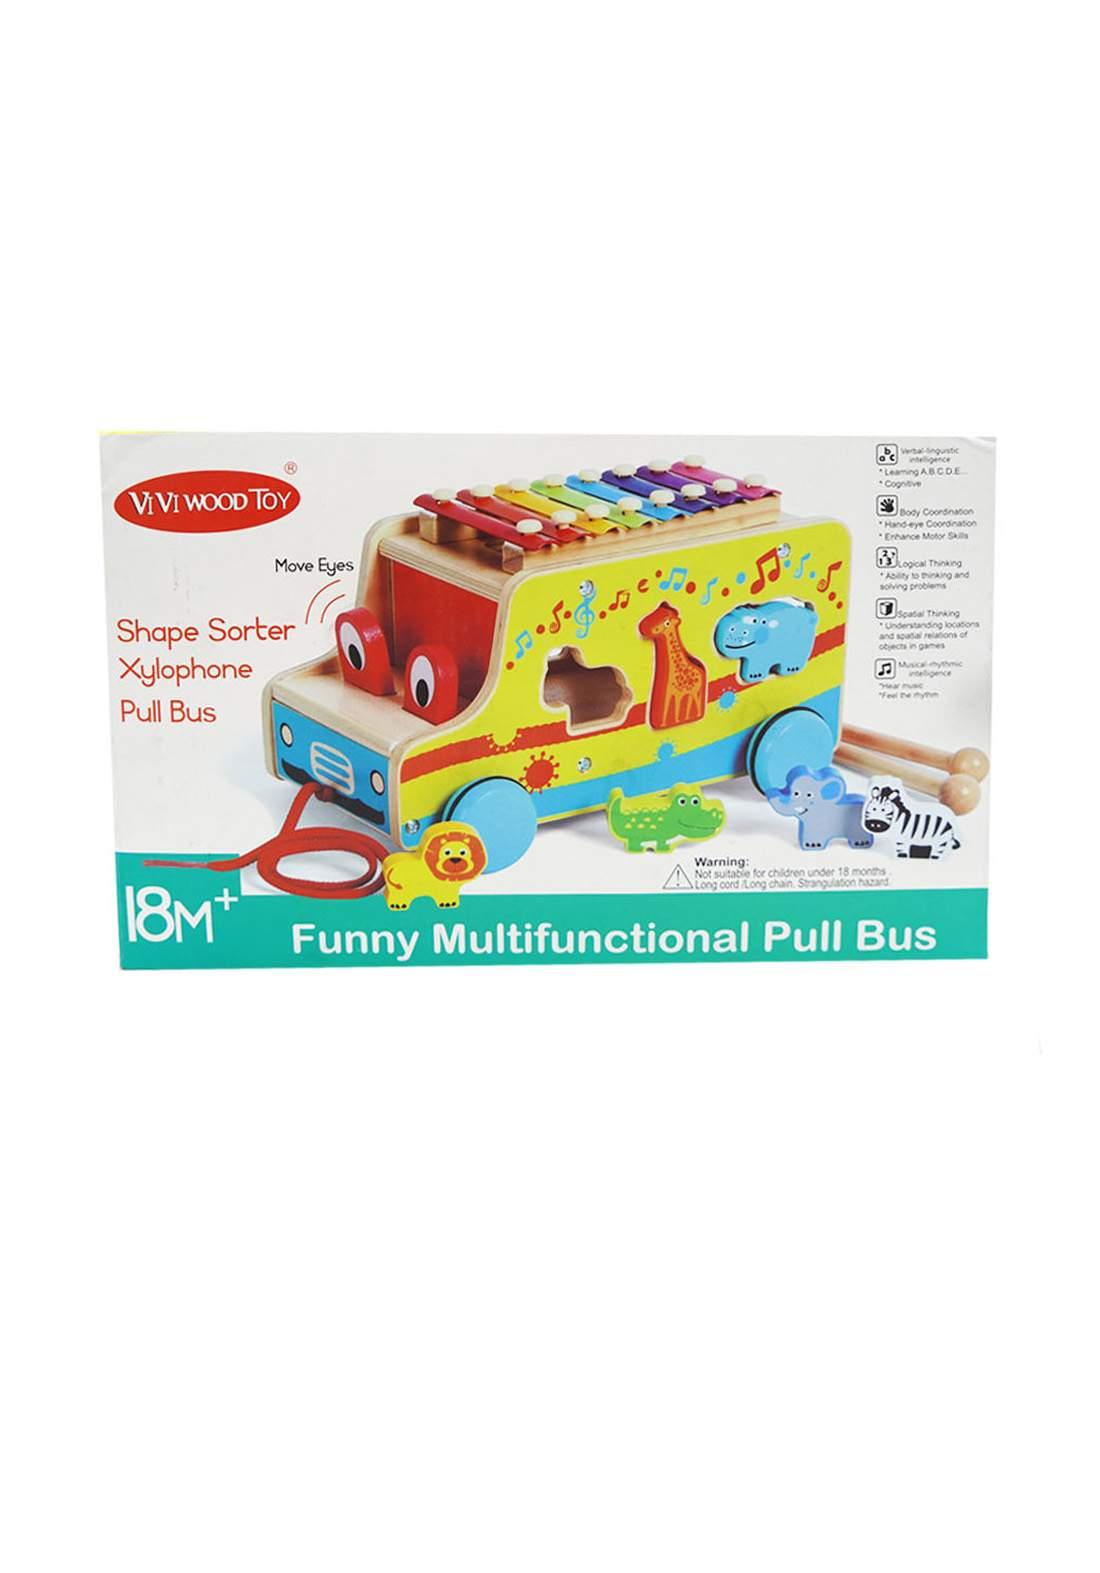 VIVI Wood Toy +18m  الحافلة الموسيقية للأطفال